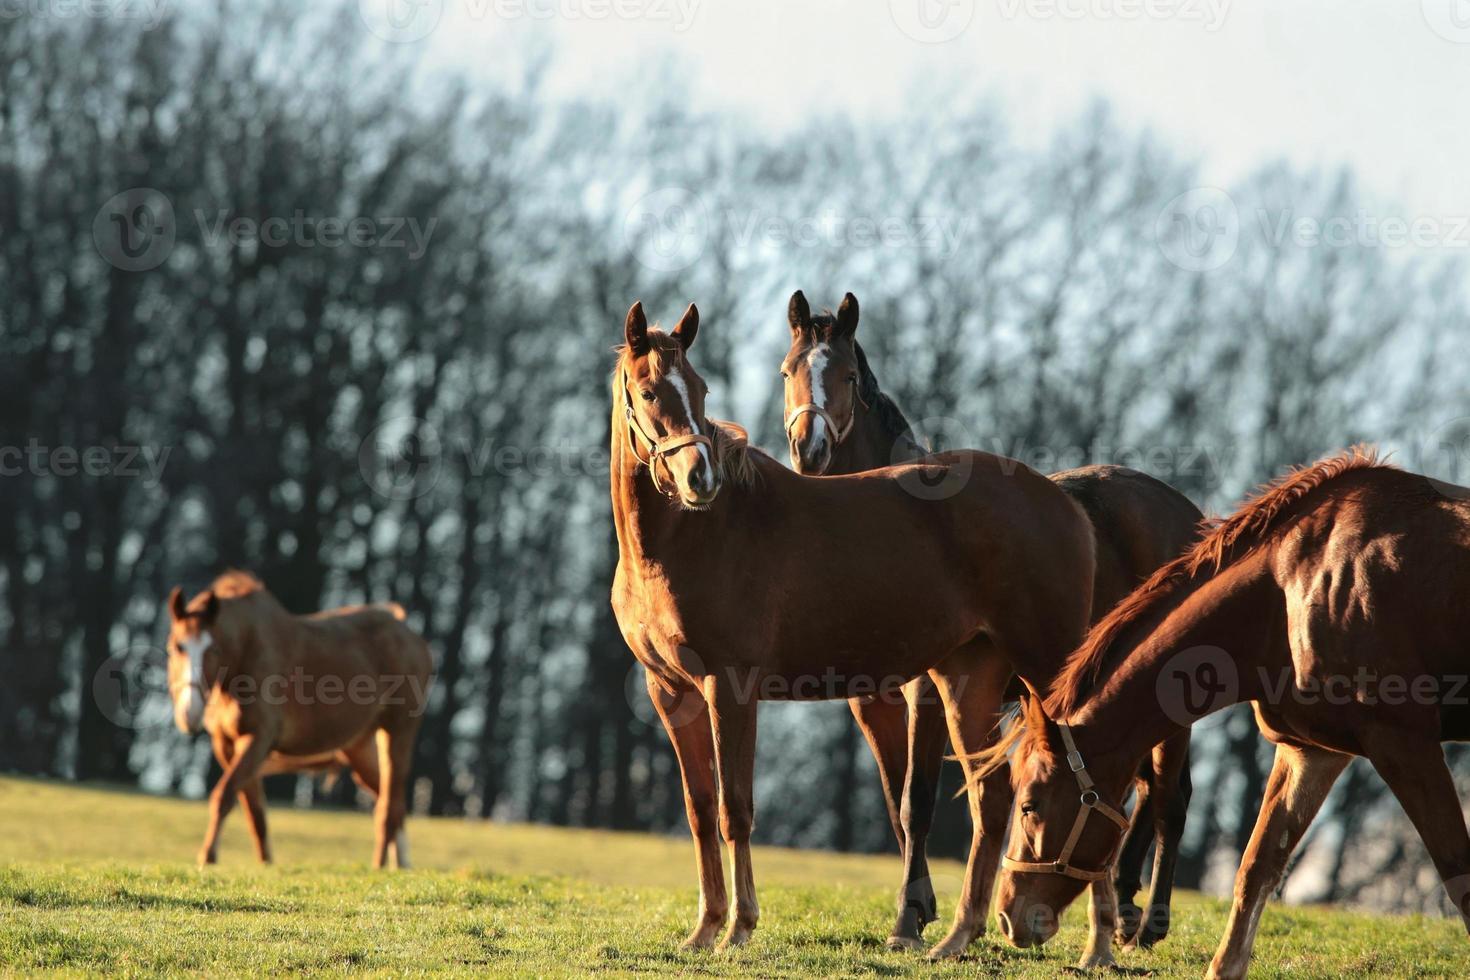 cavalli in un pascolo foto